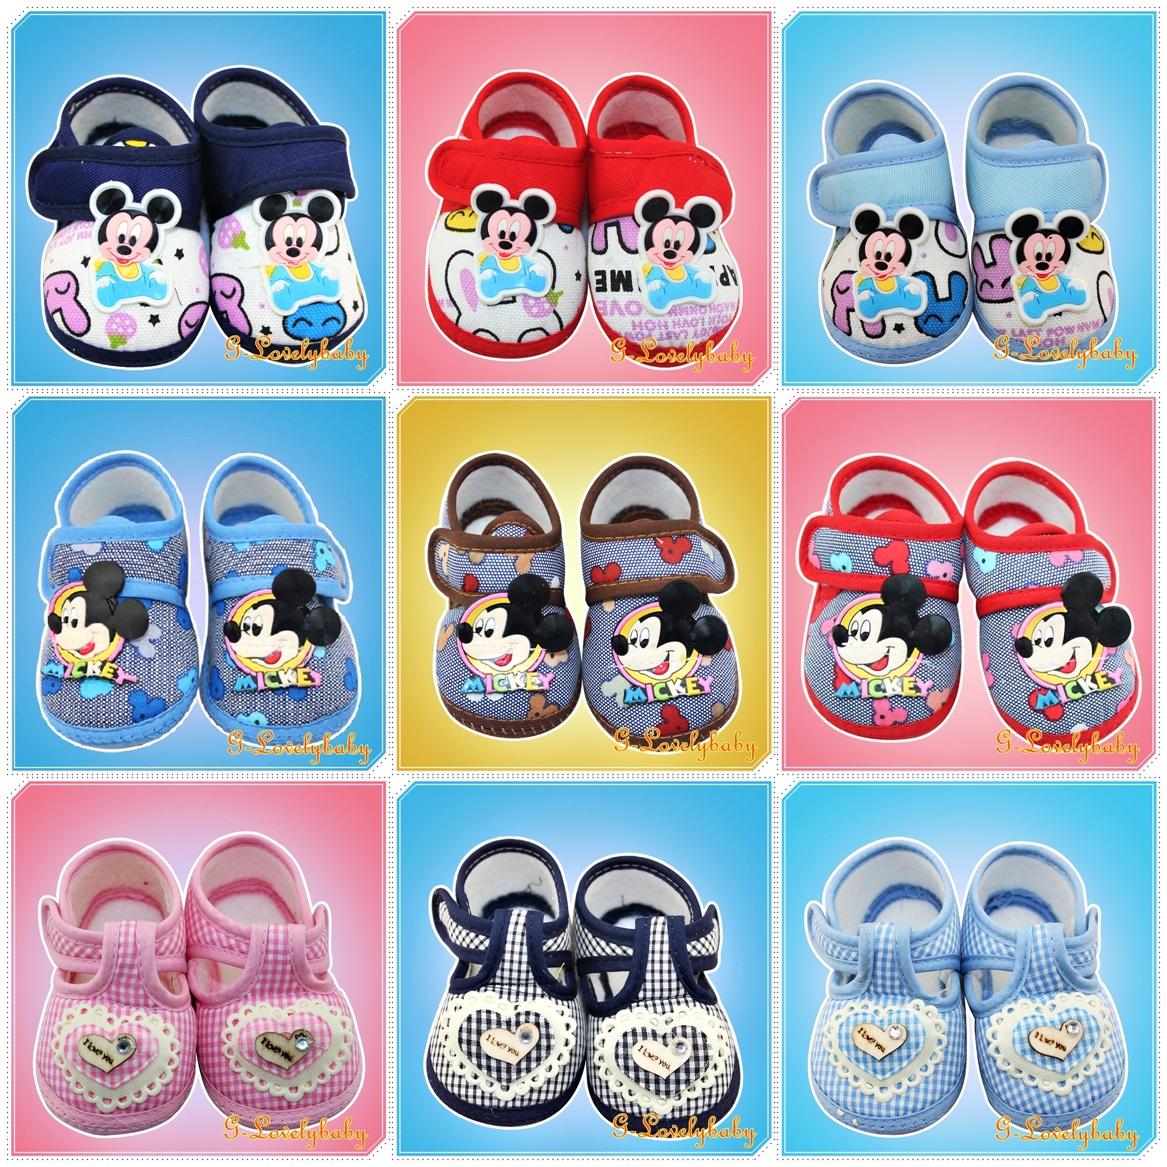 รองเท้าเด็กวัยหัดเดิน รองเท้าเด็ก รองเท้าเด็กทารก รองเท้าเด็กนุ่มพื้นกันลื่น (0-1ขวบ)